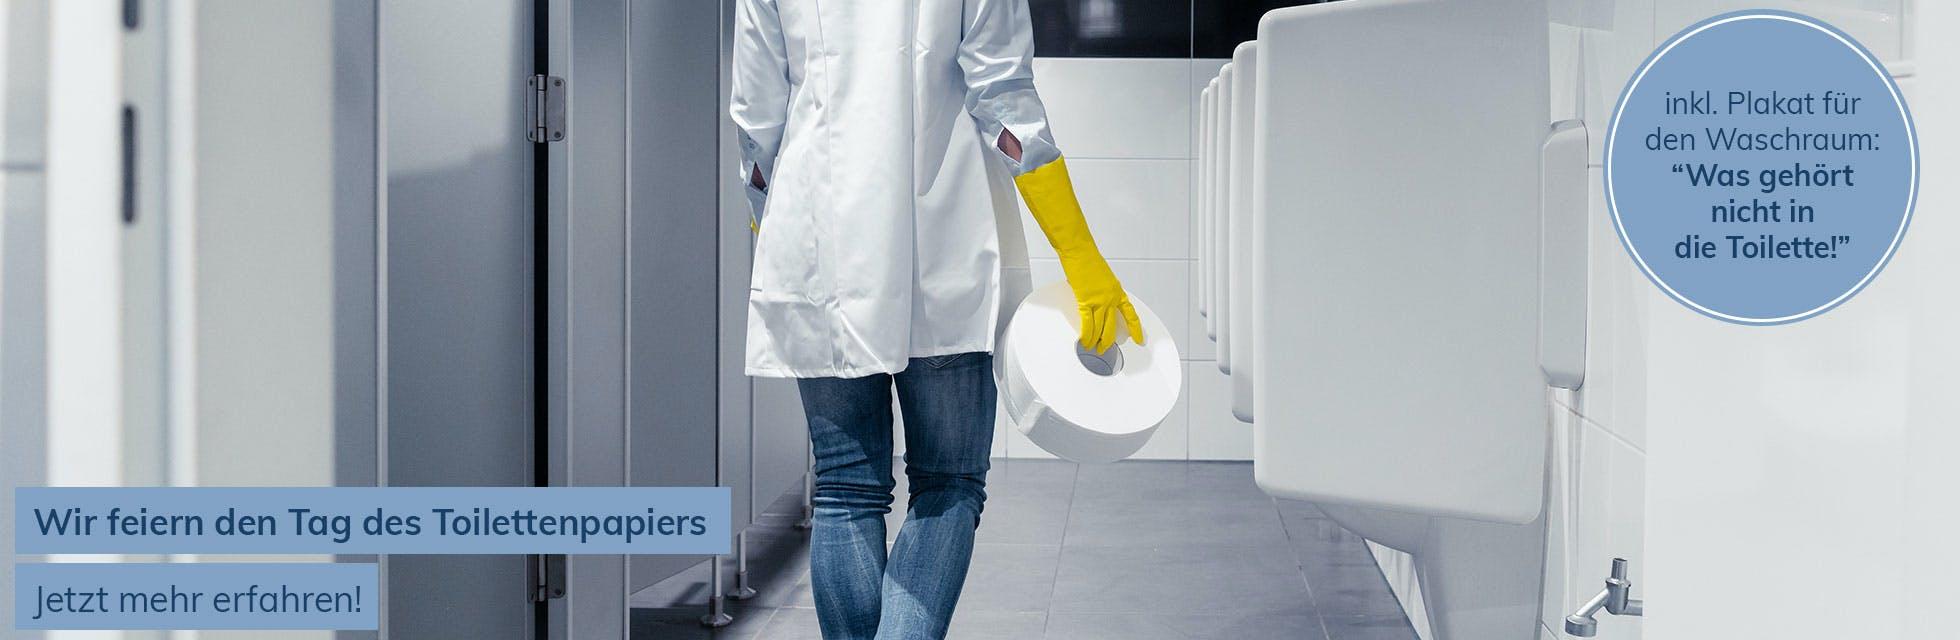 Frau mit Toilettenpapierrolle im Waschraum